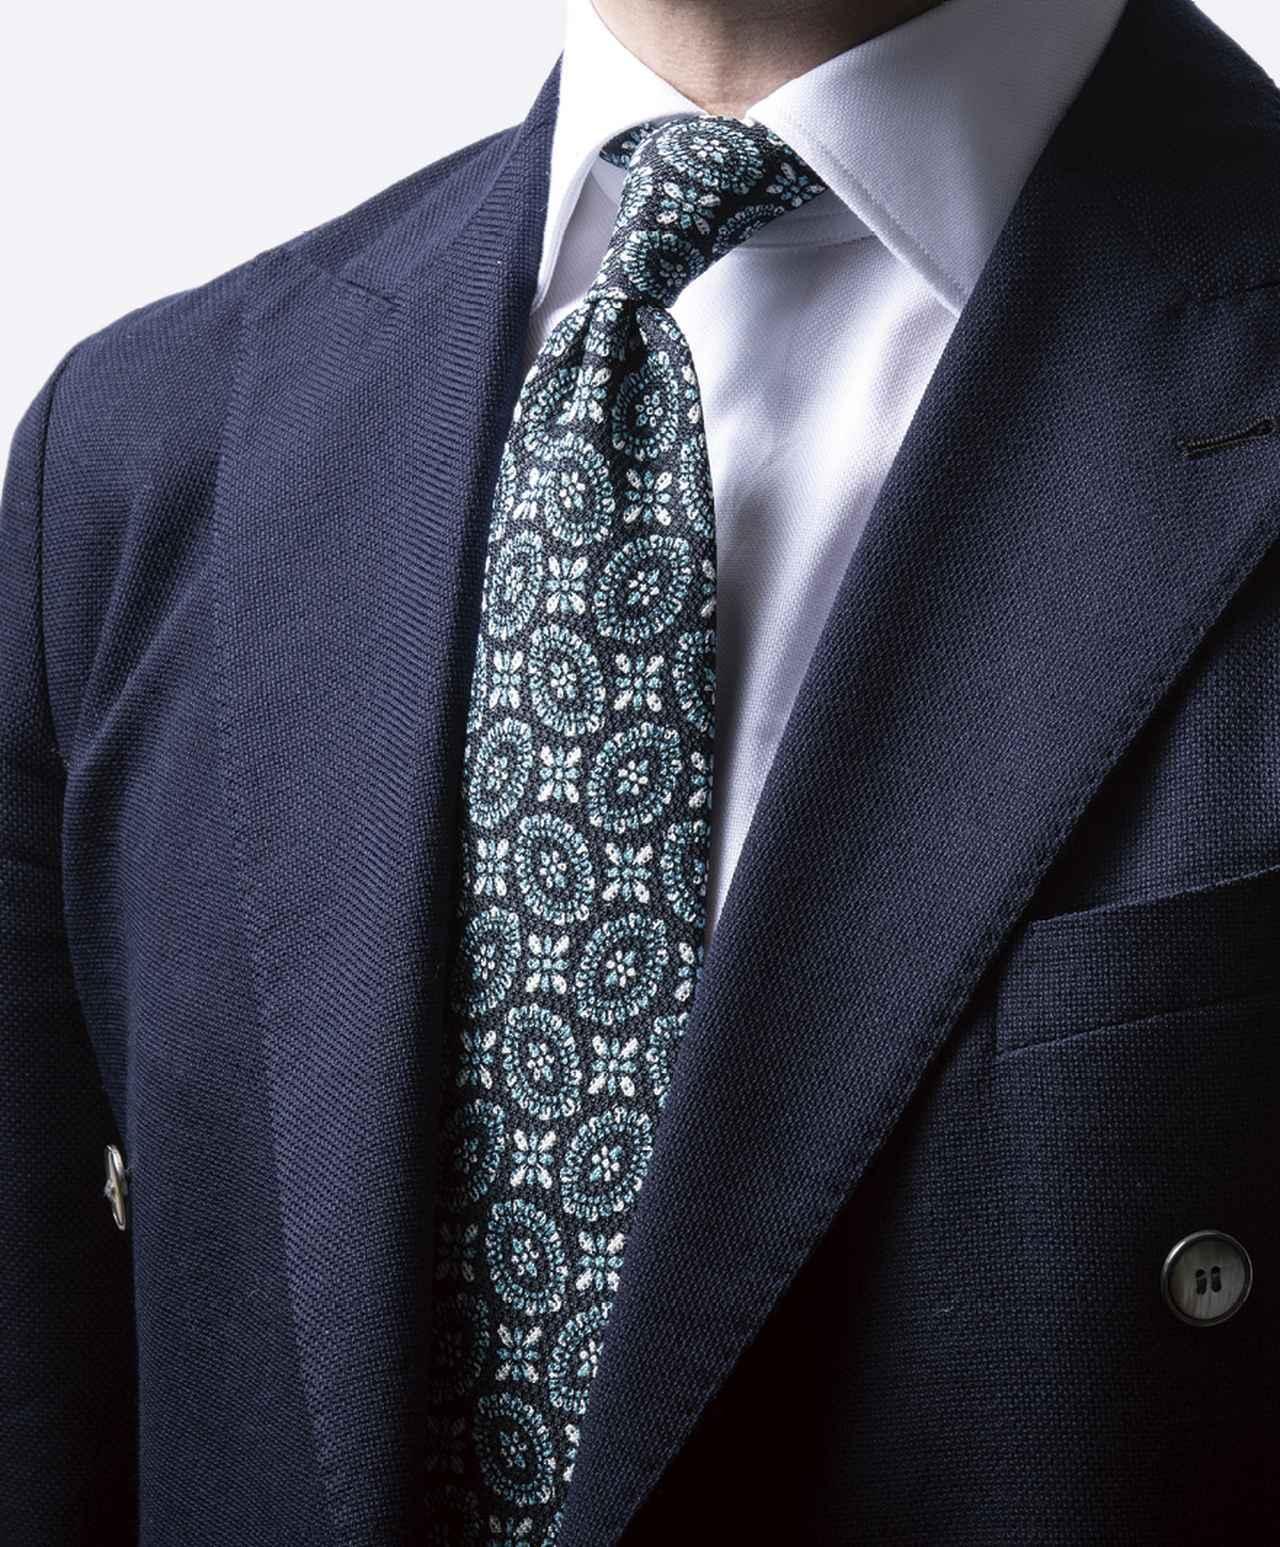 画像1: 美しいネクタイには、人を変える力がある 日本で生まれ、世界へ羽ばたくネクタイ